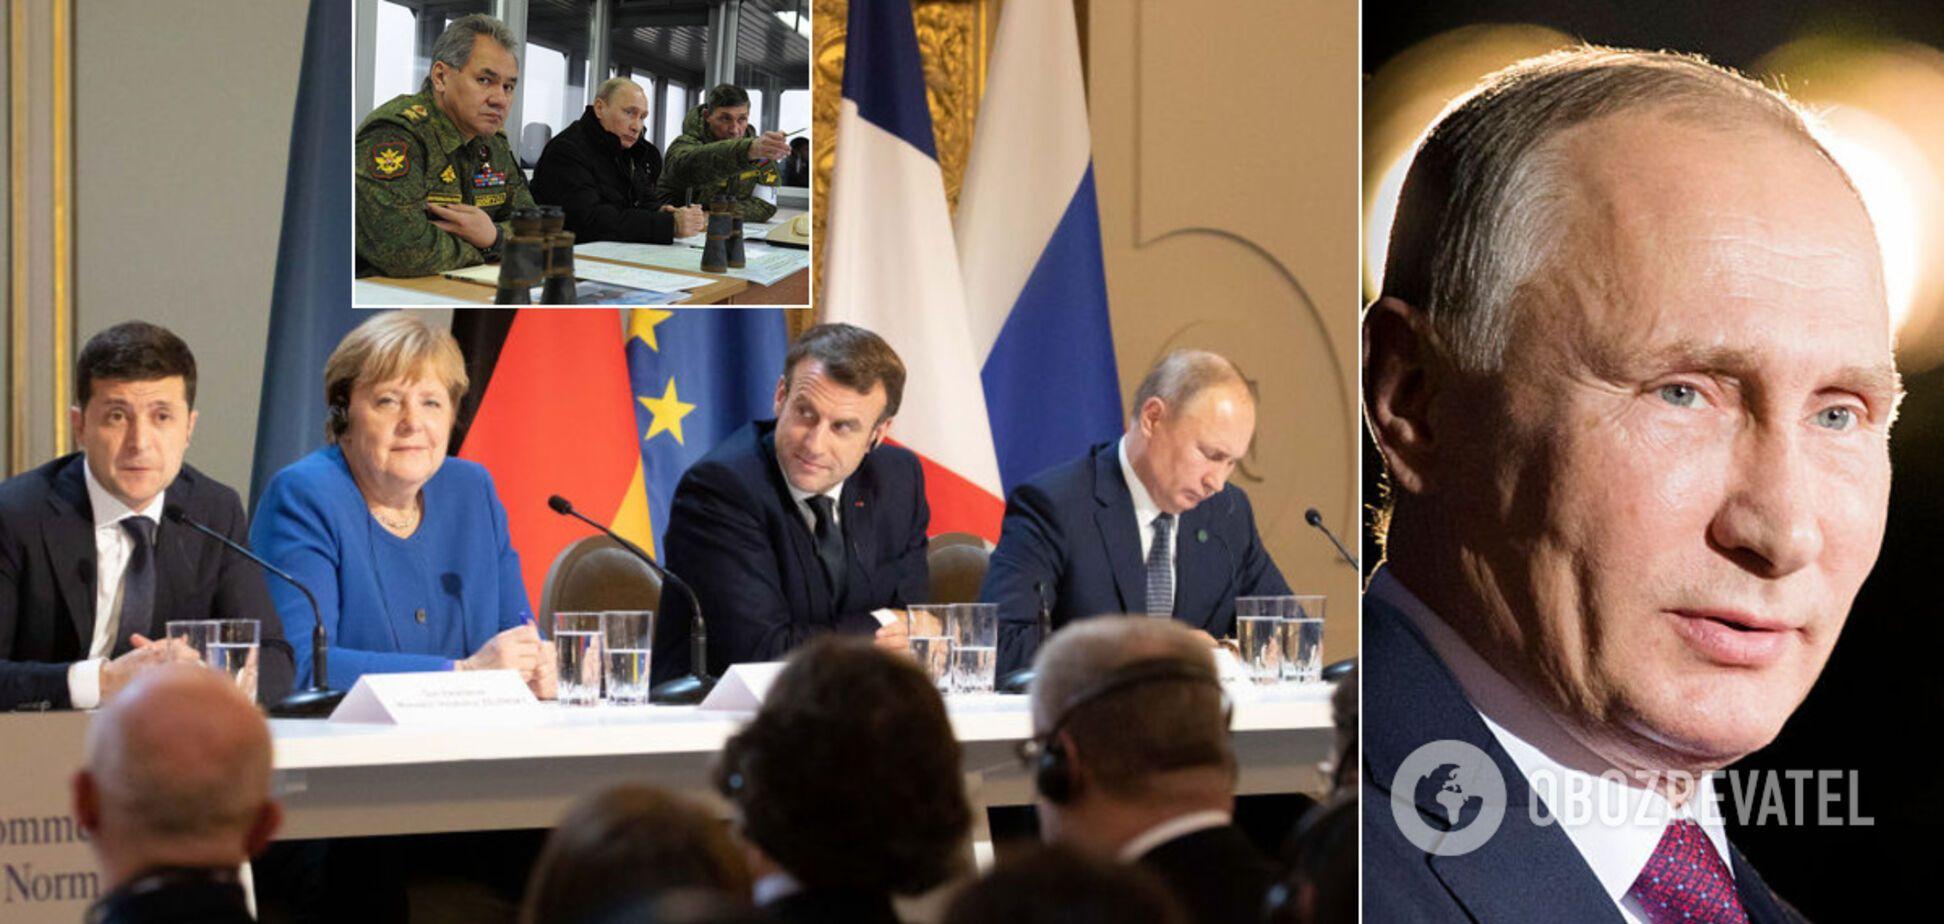 Зеленський міг натиснути на Путіна. Існування України – катастрофа для Росії. Інтерв'ю з Павлом Клімкіним